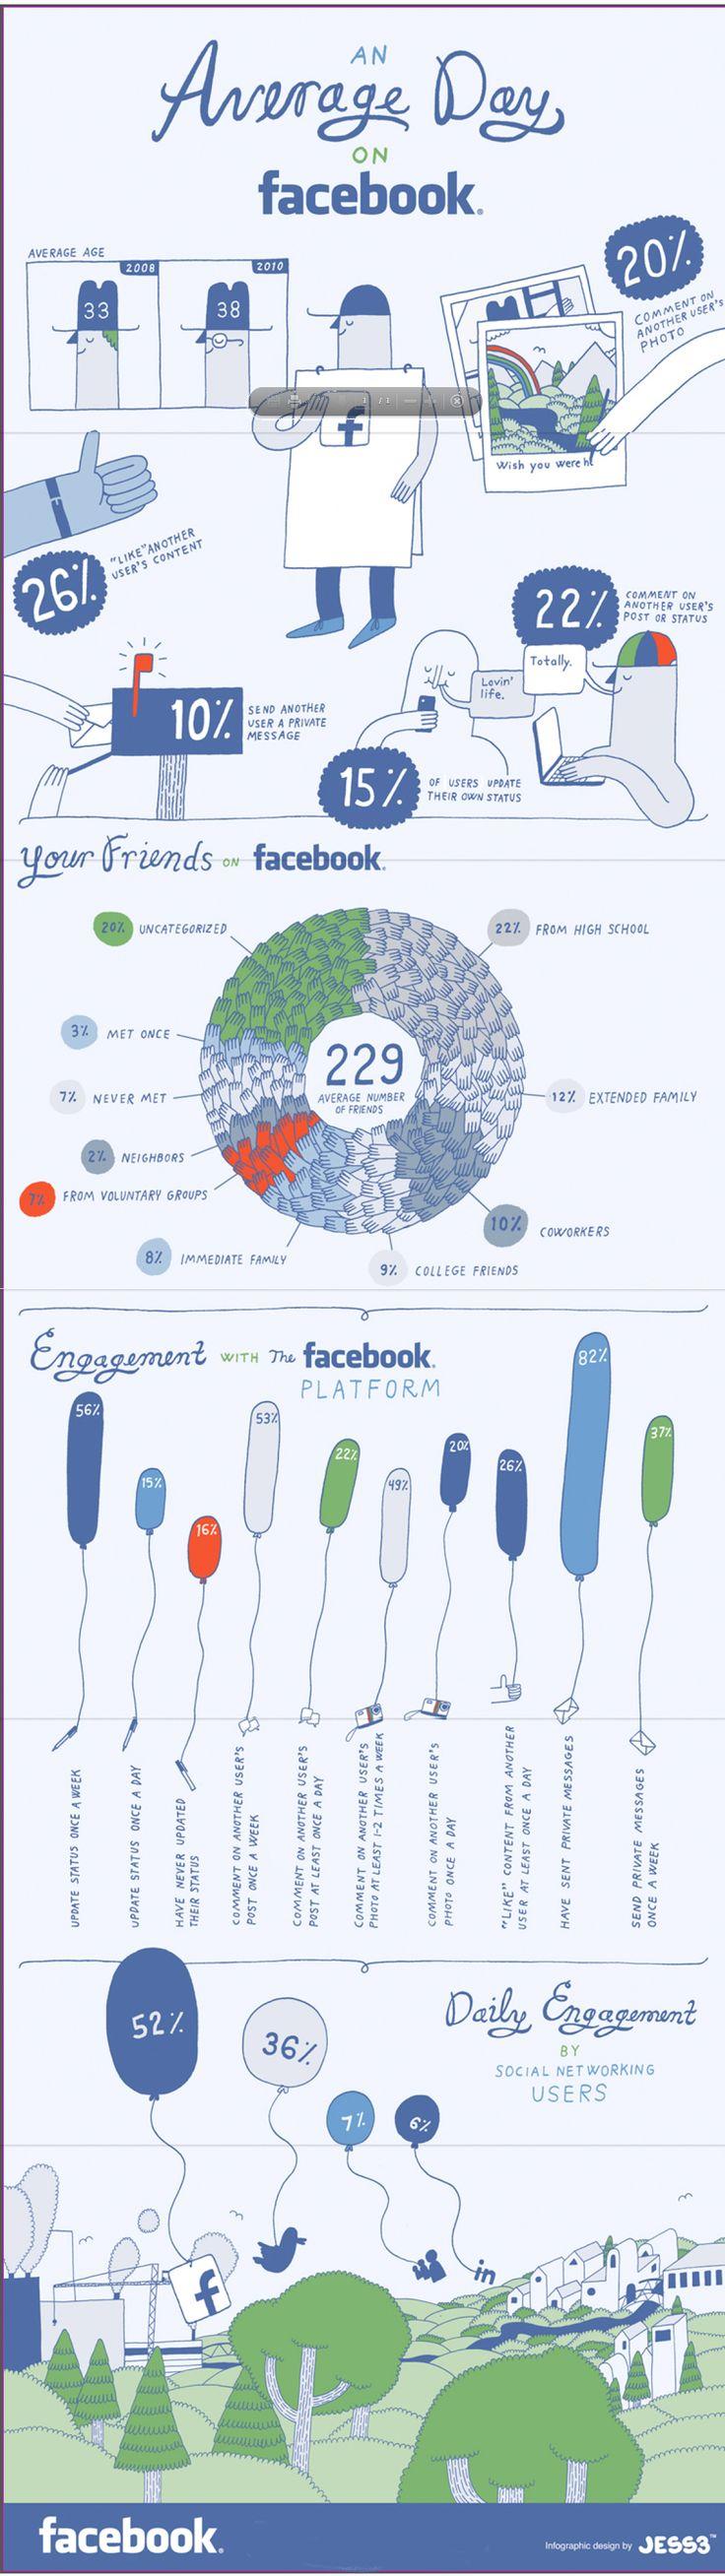 Un día normal en Facebook #infografia #infographic #socialmedia